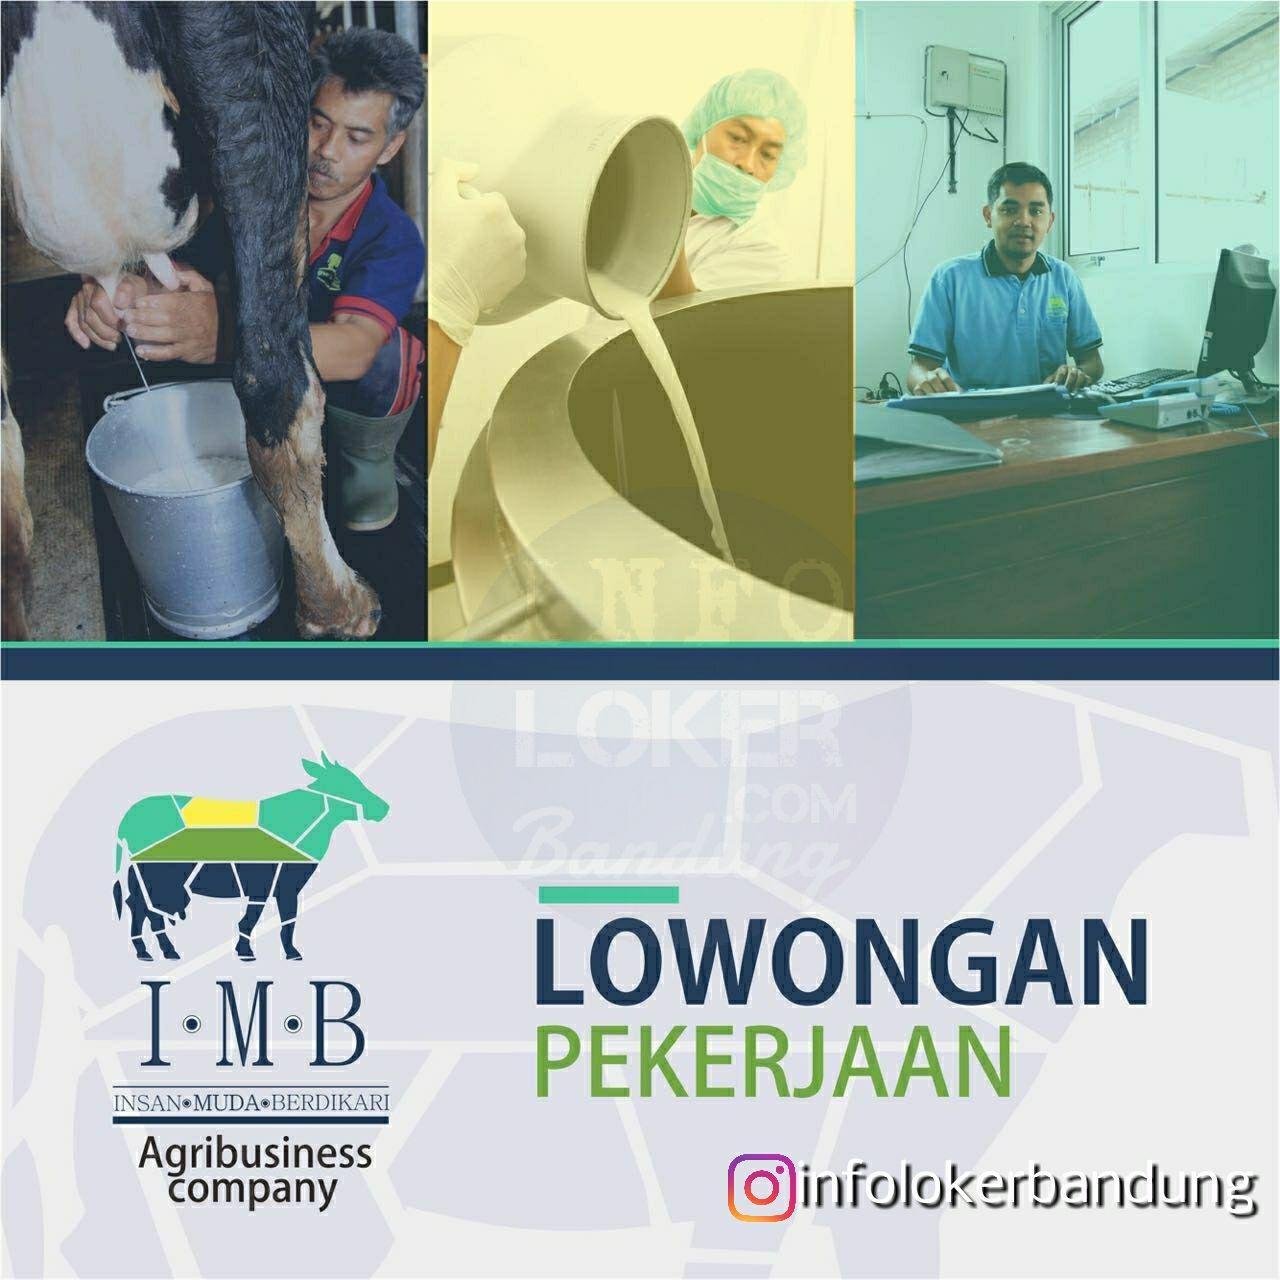 Lowongan Kerja Insan Muda Berdikari ( Agribusiness Company ) Bandung Mei 2018